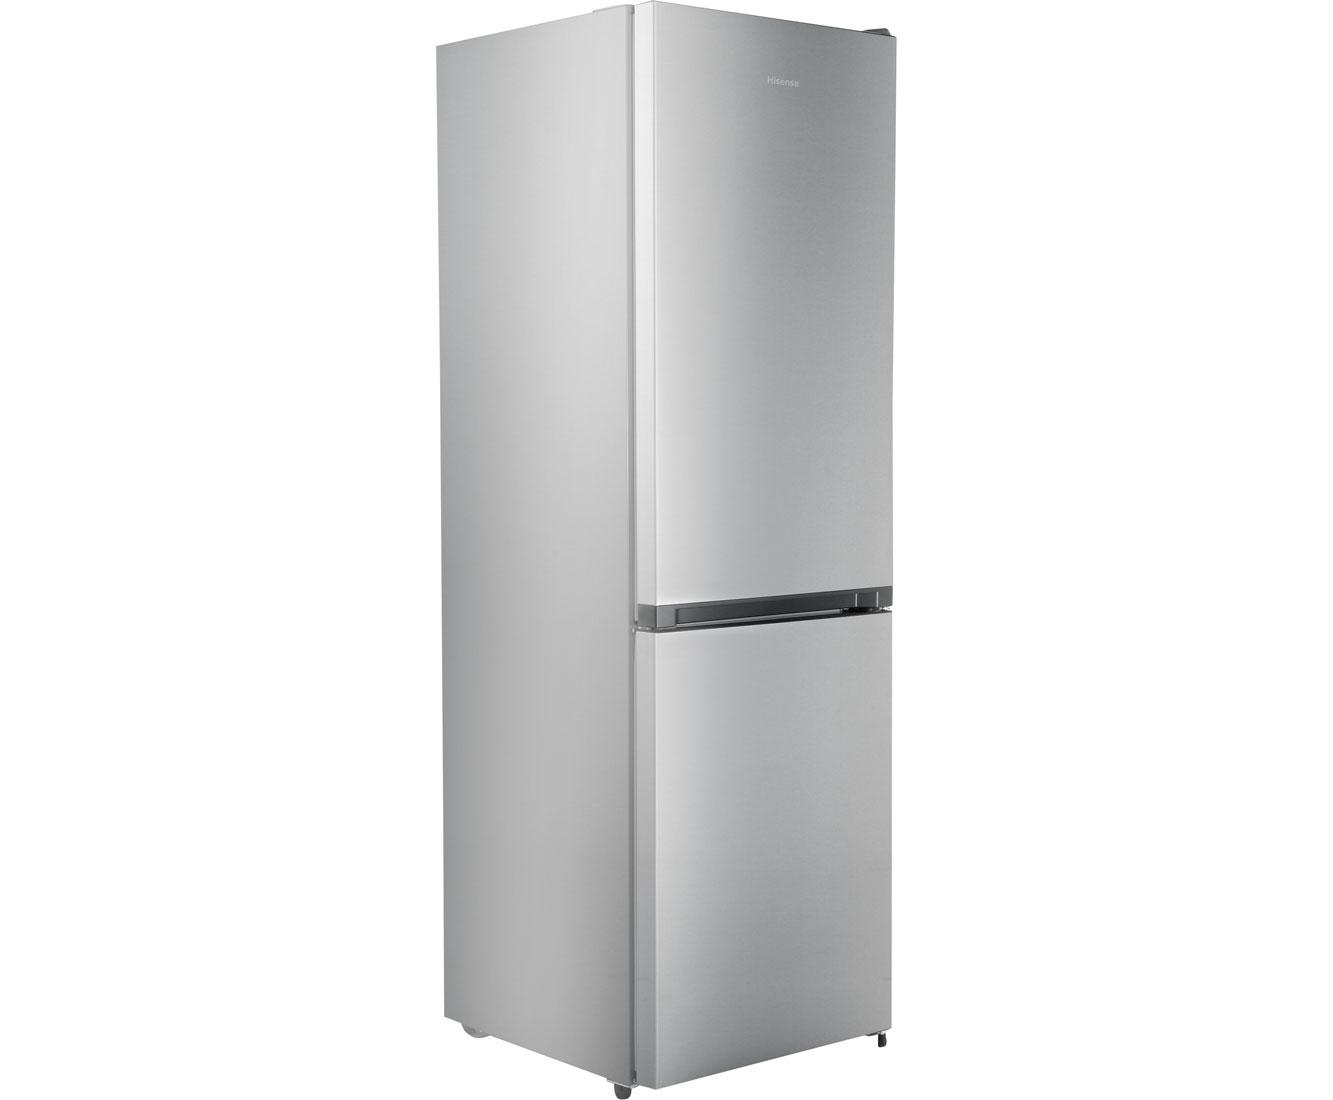 Amerikanischer Kühlschrank Ohne Gefrier : Unterbau kuehlschrank ohne gefrierfach test kühlschrank schnell